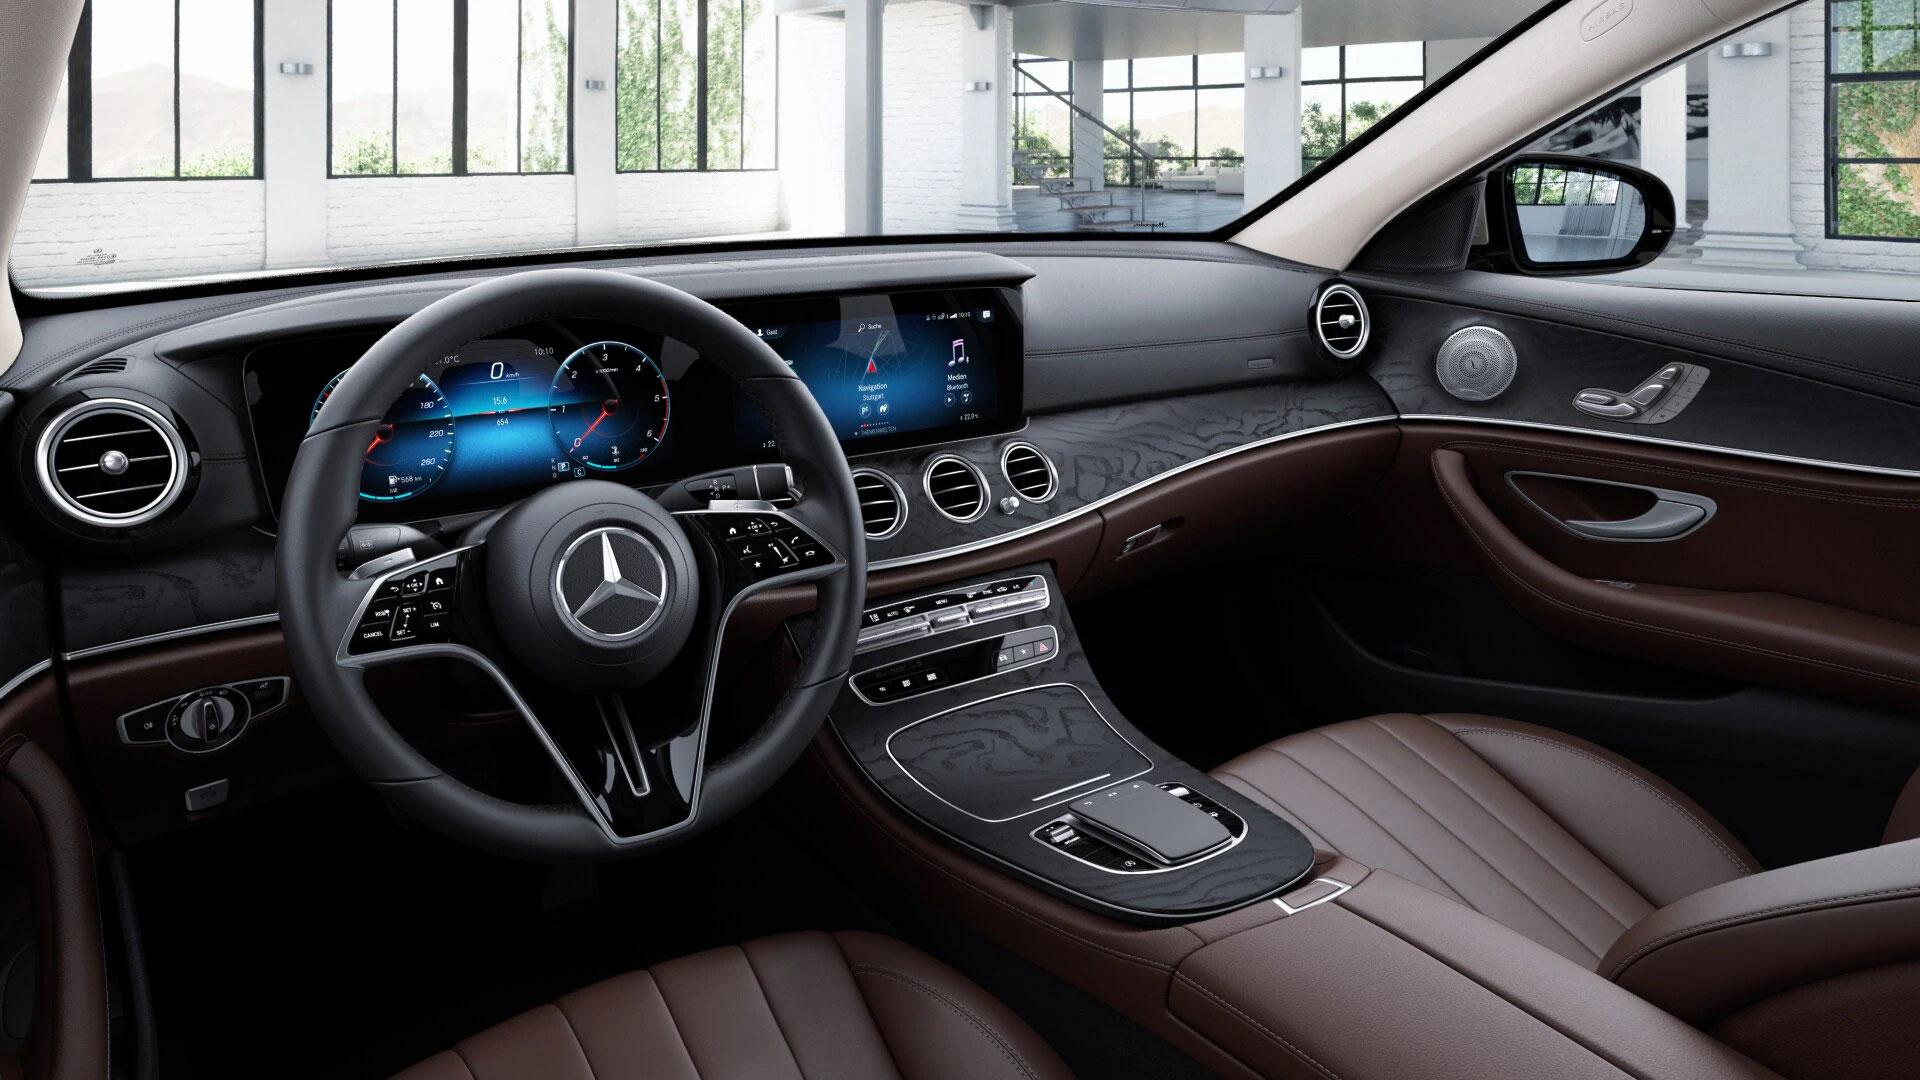 Ecran tactile de la Mercedes Classe E Finition Luxury